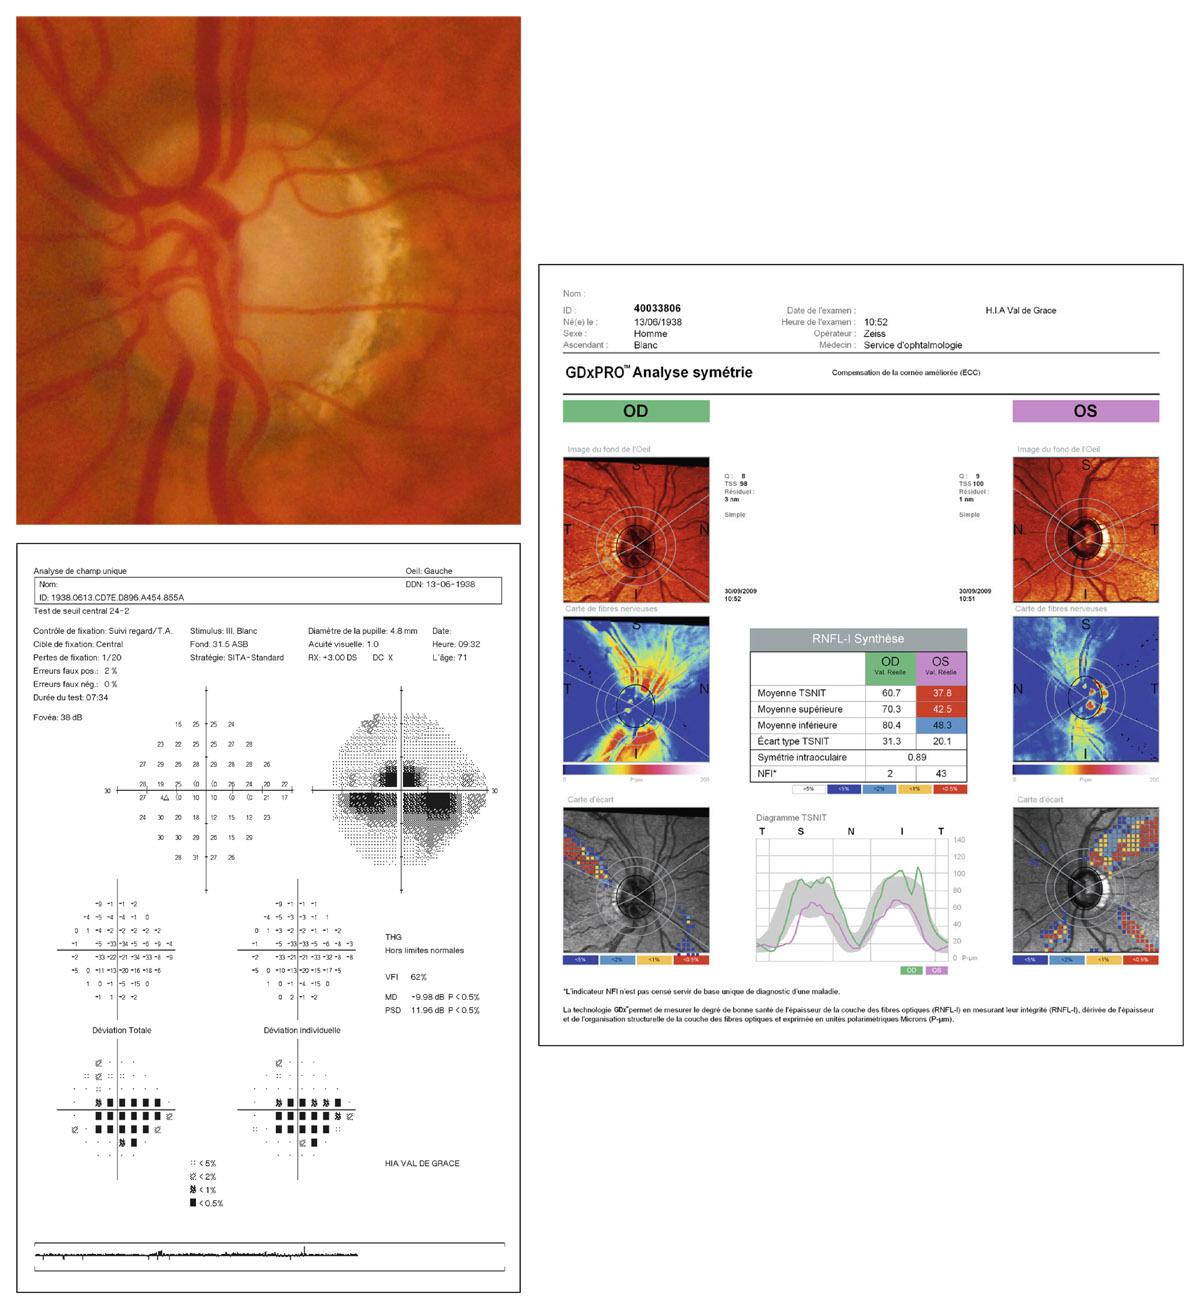 Rapport SFO 2014 - Glaucome primitif à angle ouvert 10-77 Relevé d'analyse des FNR au GDx PRO™ dans un cas de glaucome évolué,  confronté à la papille de l'œil gauche et au champ visuel correspondant.